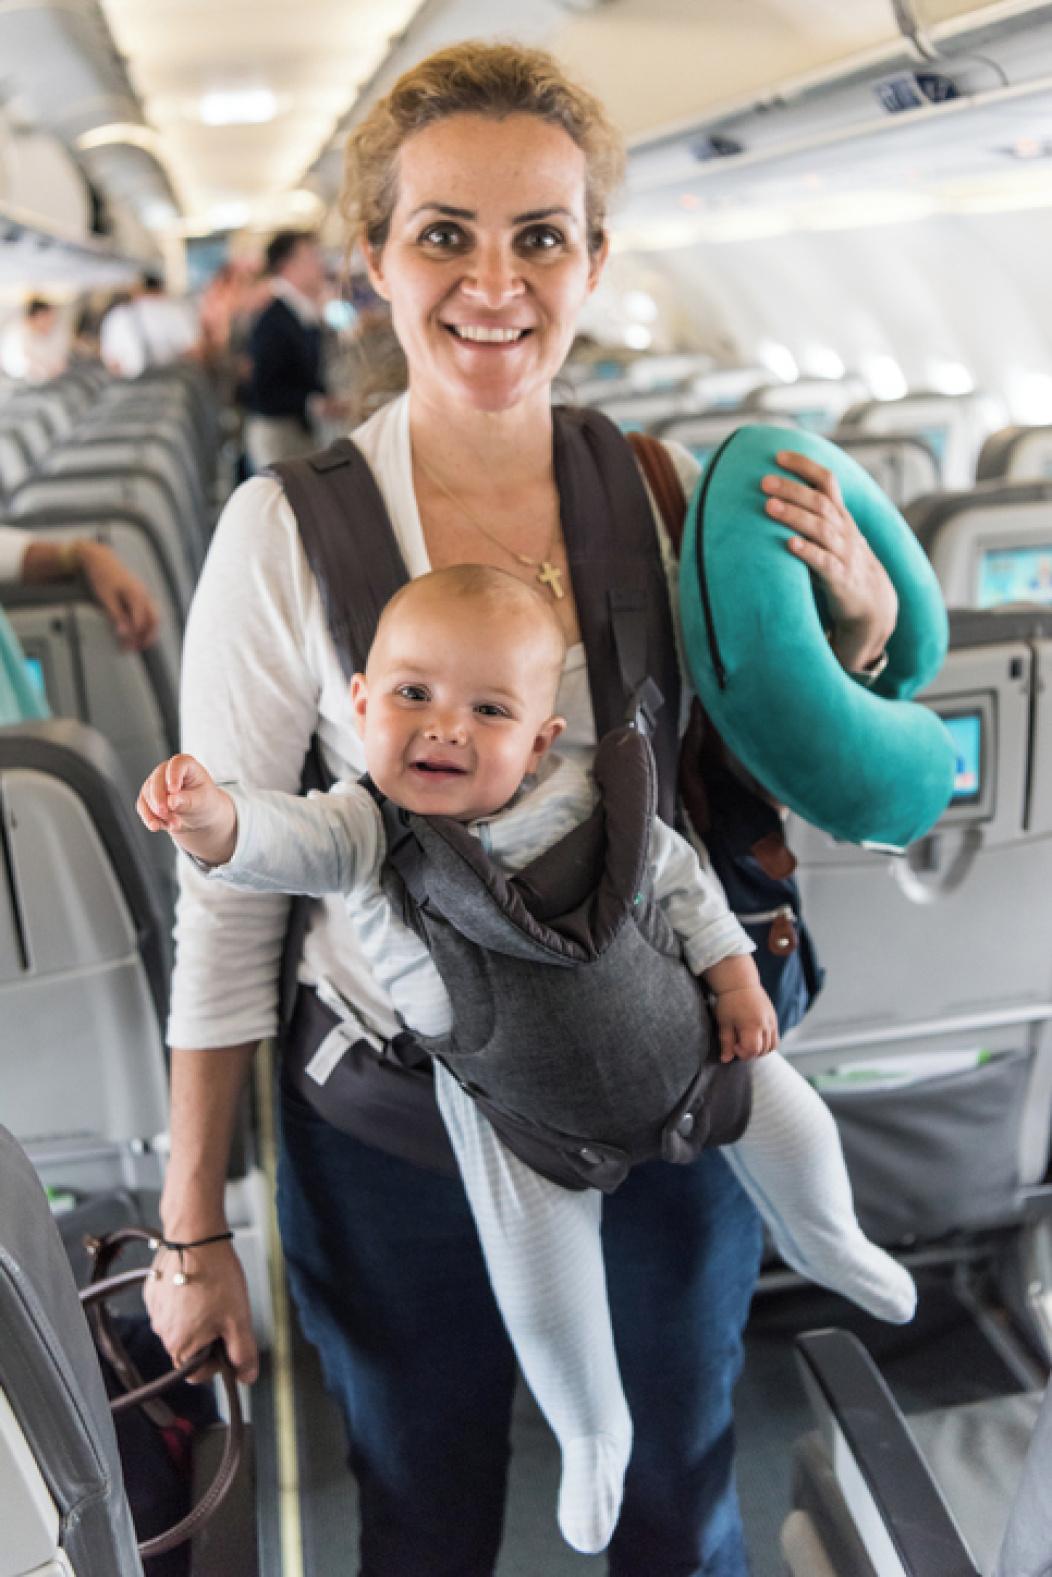 Madre con bebé en avión.